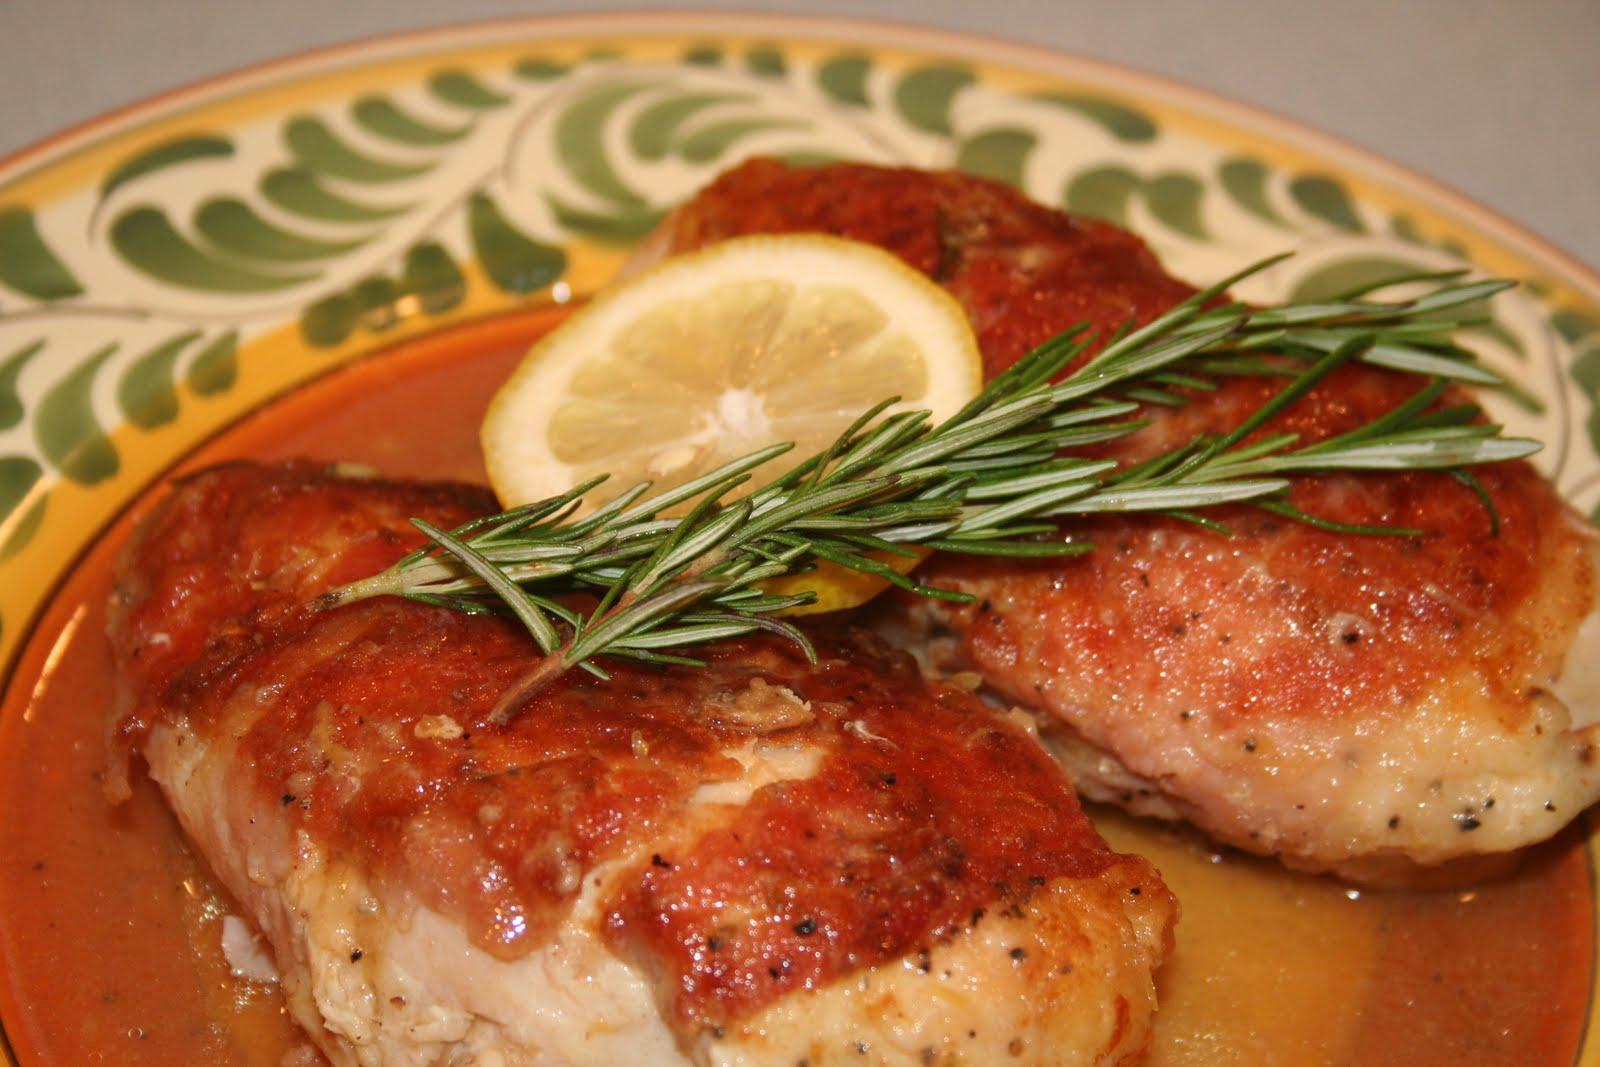 ... prosciutto cups prosciutto bread browning the chicken prosciutto